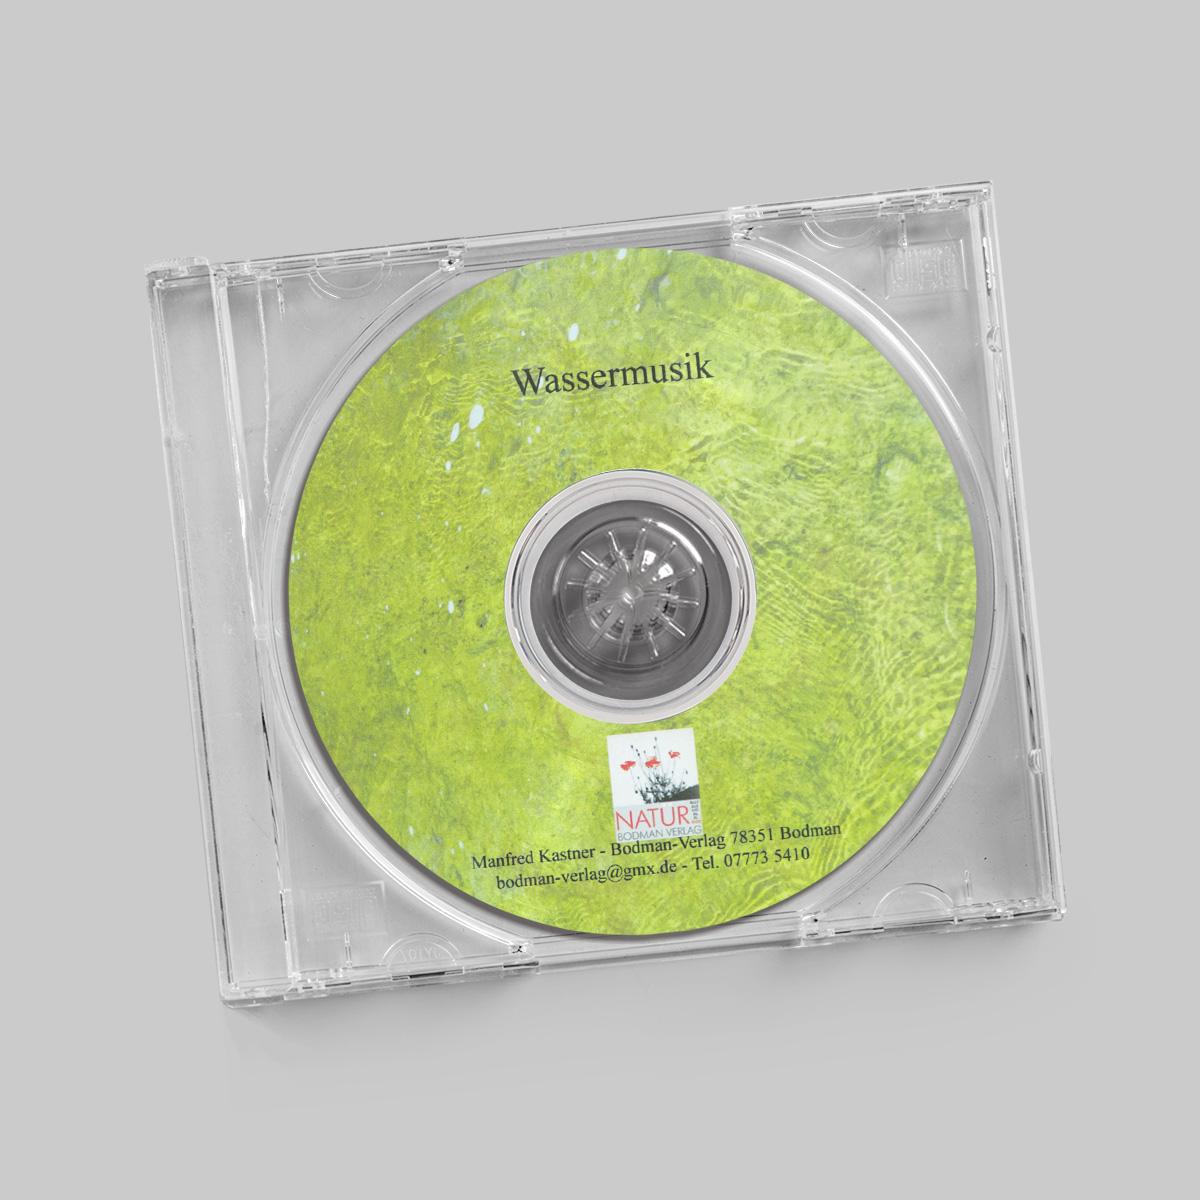 cd-wassermusik-kastner